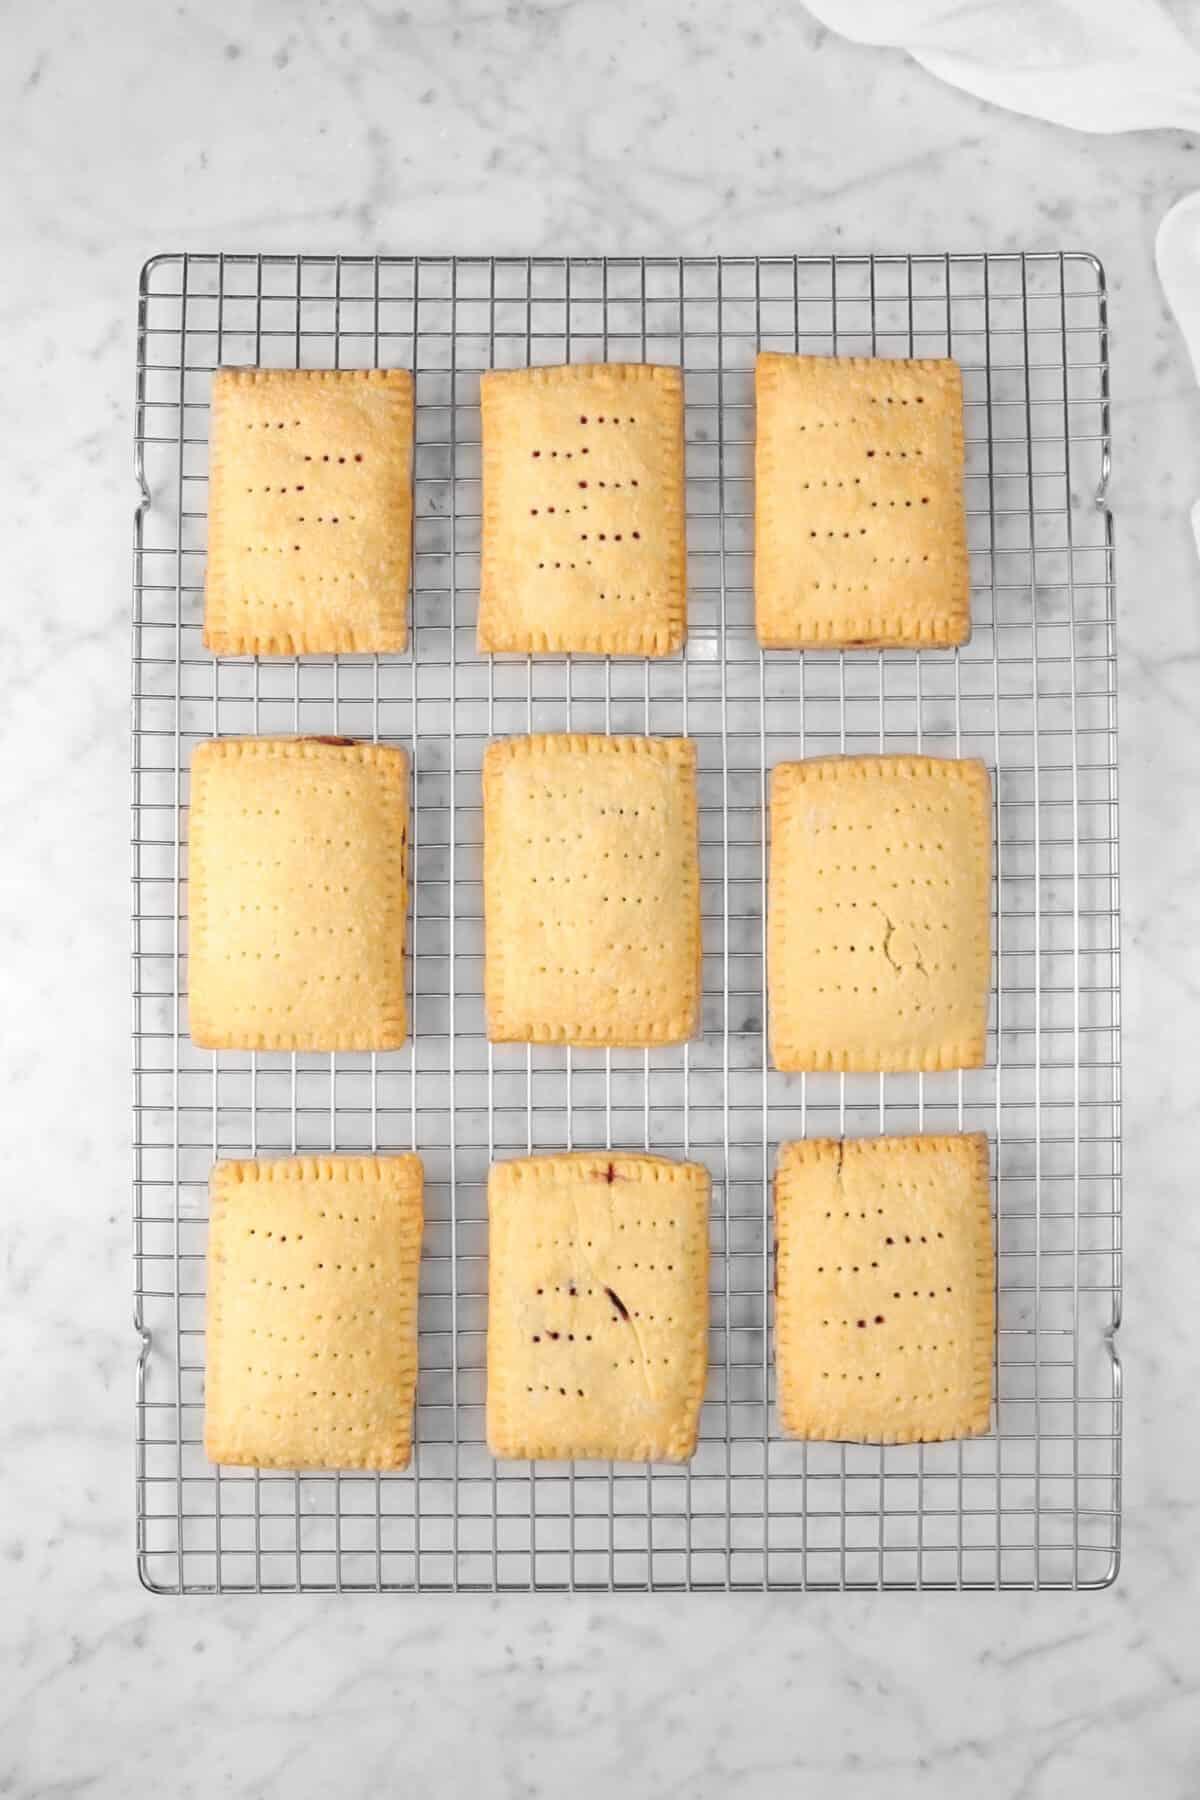 nine pop tarts on a cooling rack